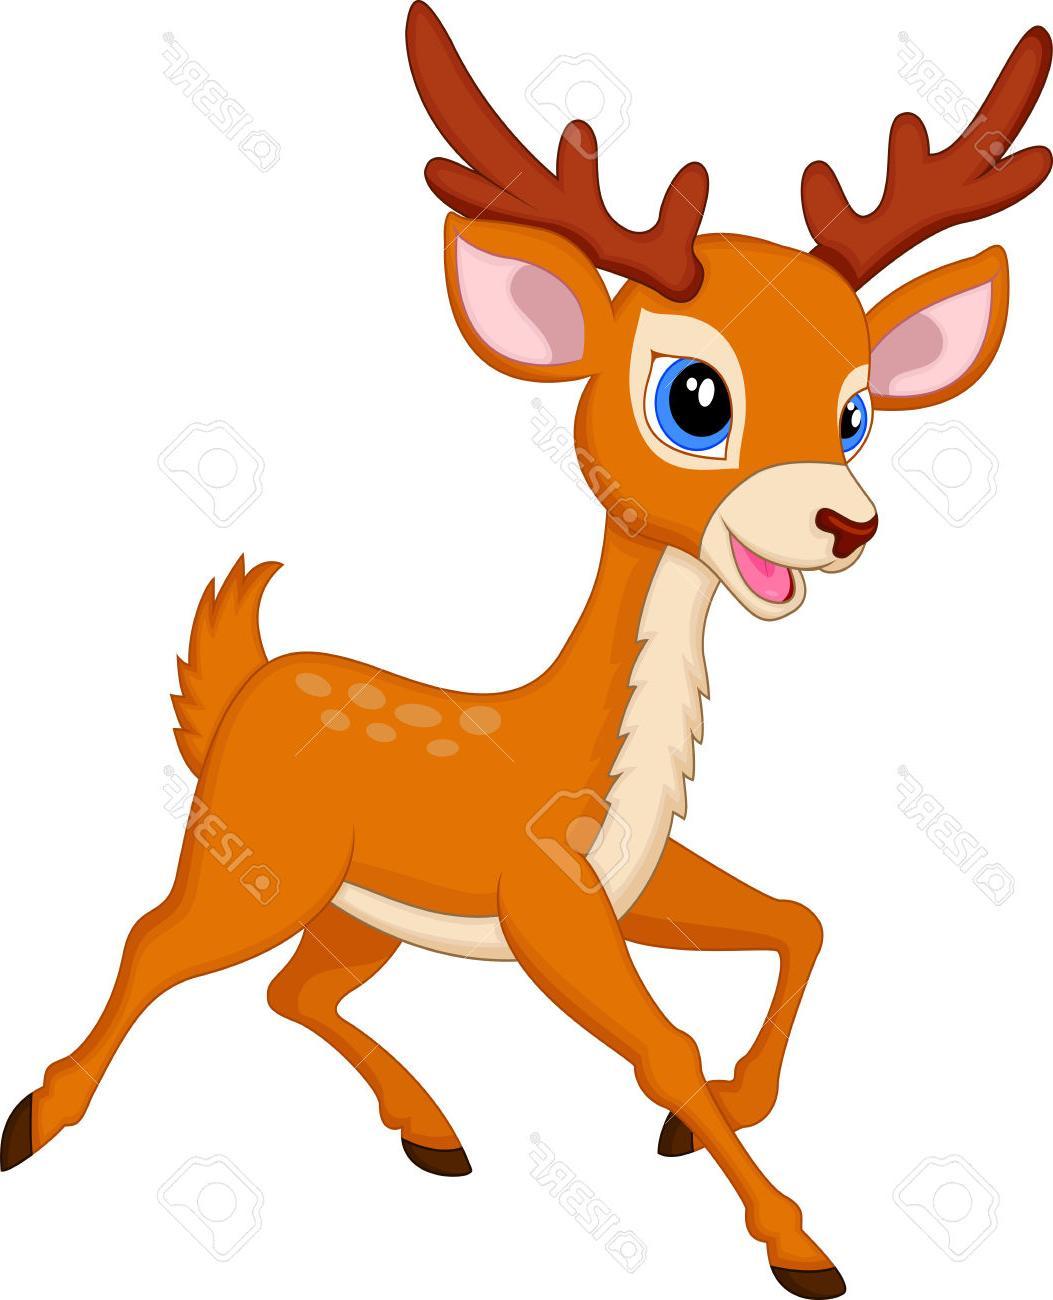 1053x1300 Top 10 Cute Deer Clipart Clip Art Images